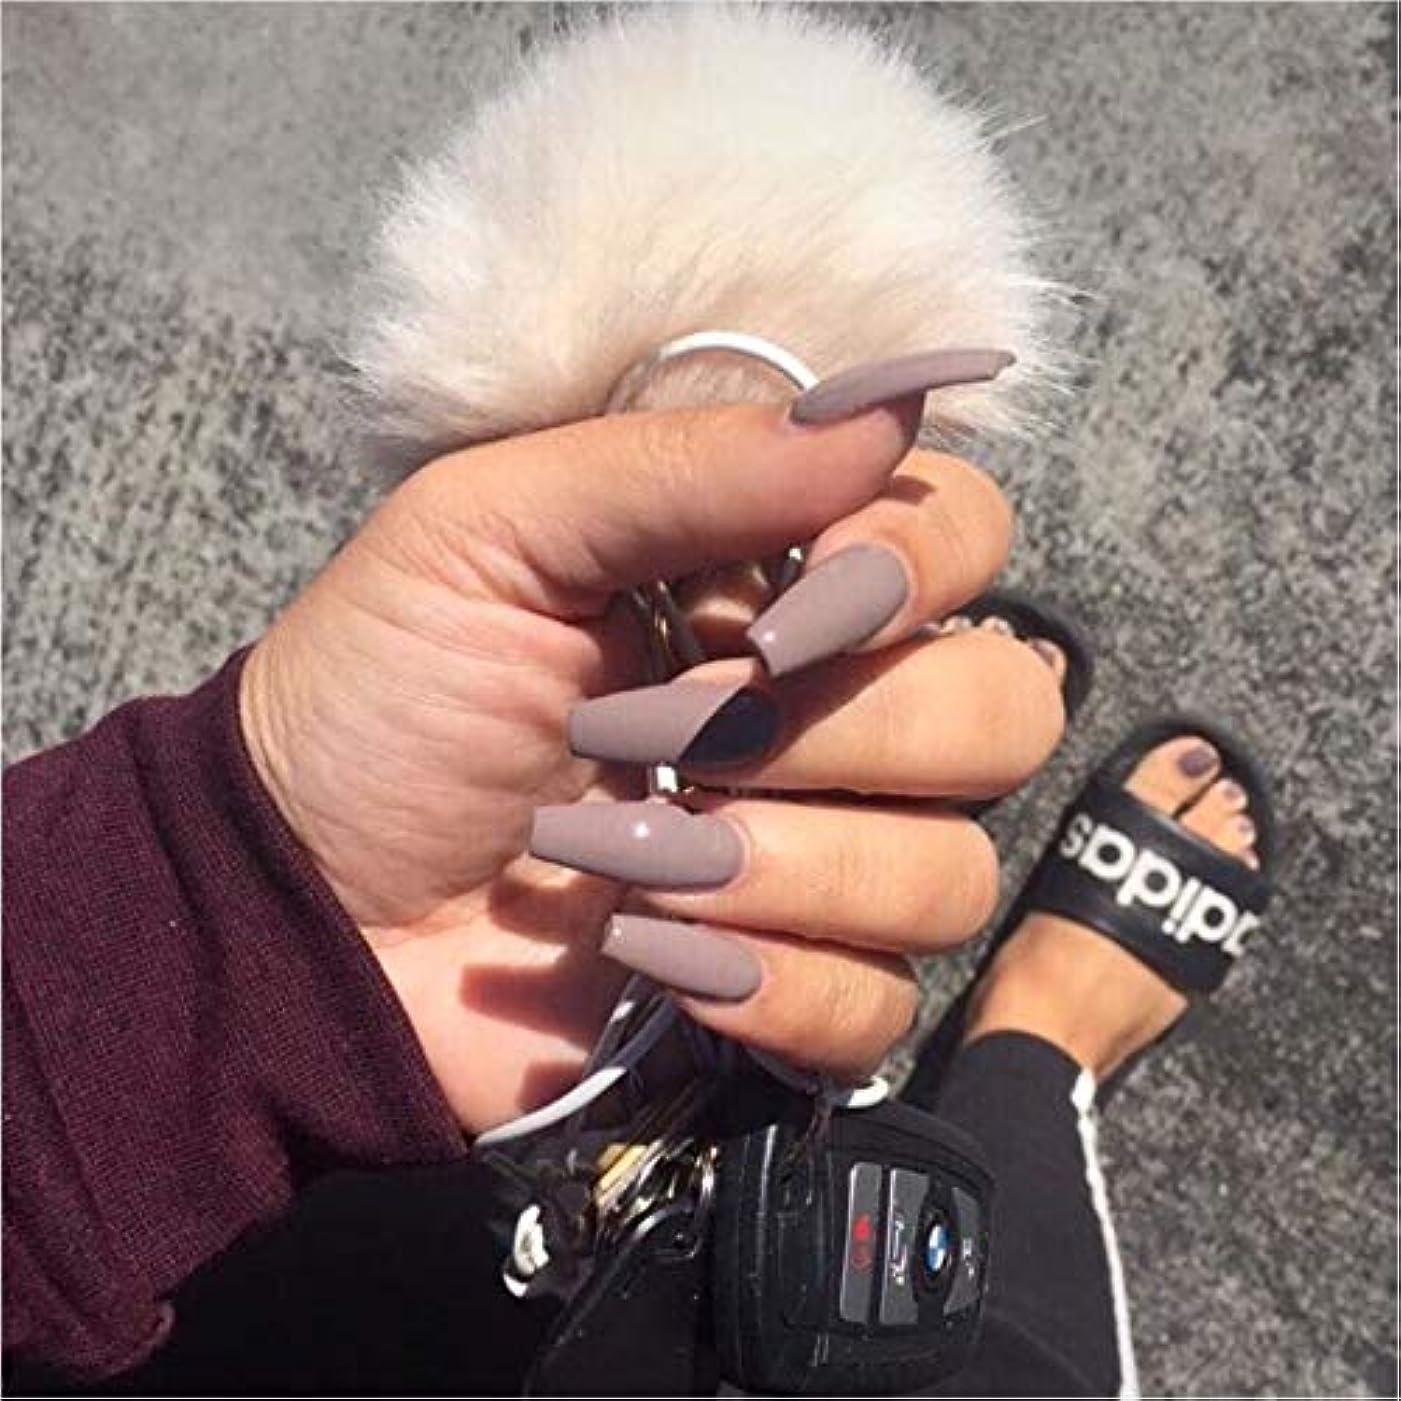 バンケットコマンドメナジェリーXUTXZKA グレーの純粋な色の偽の爪の女性の完全な爪のヒントの花嫁の偽の爪